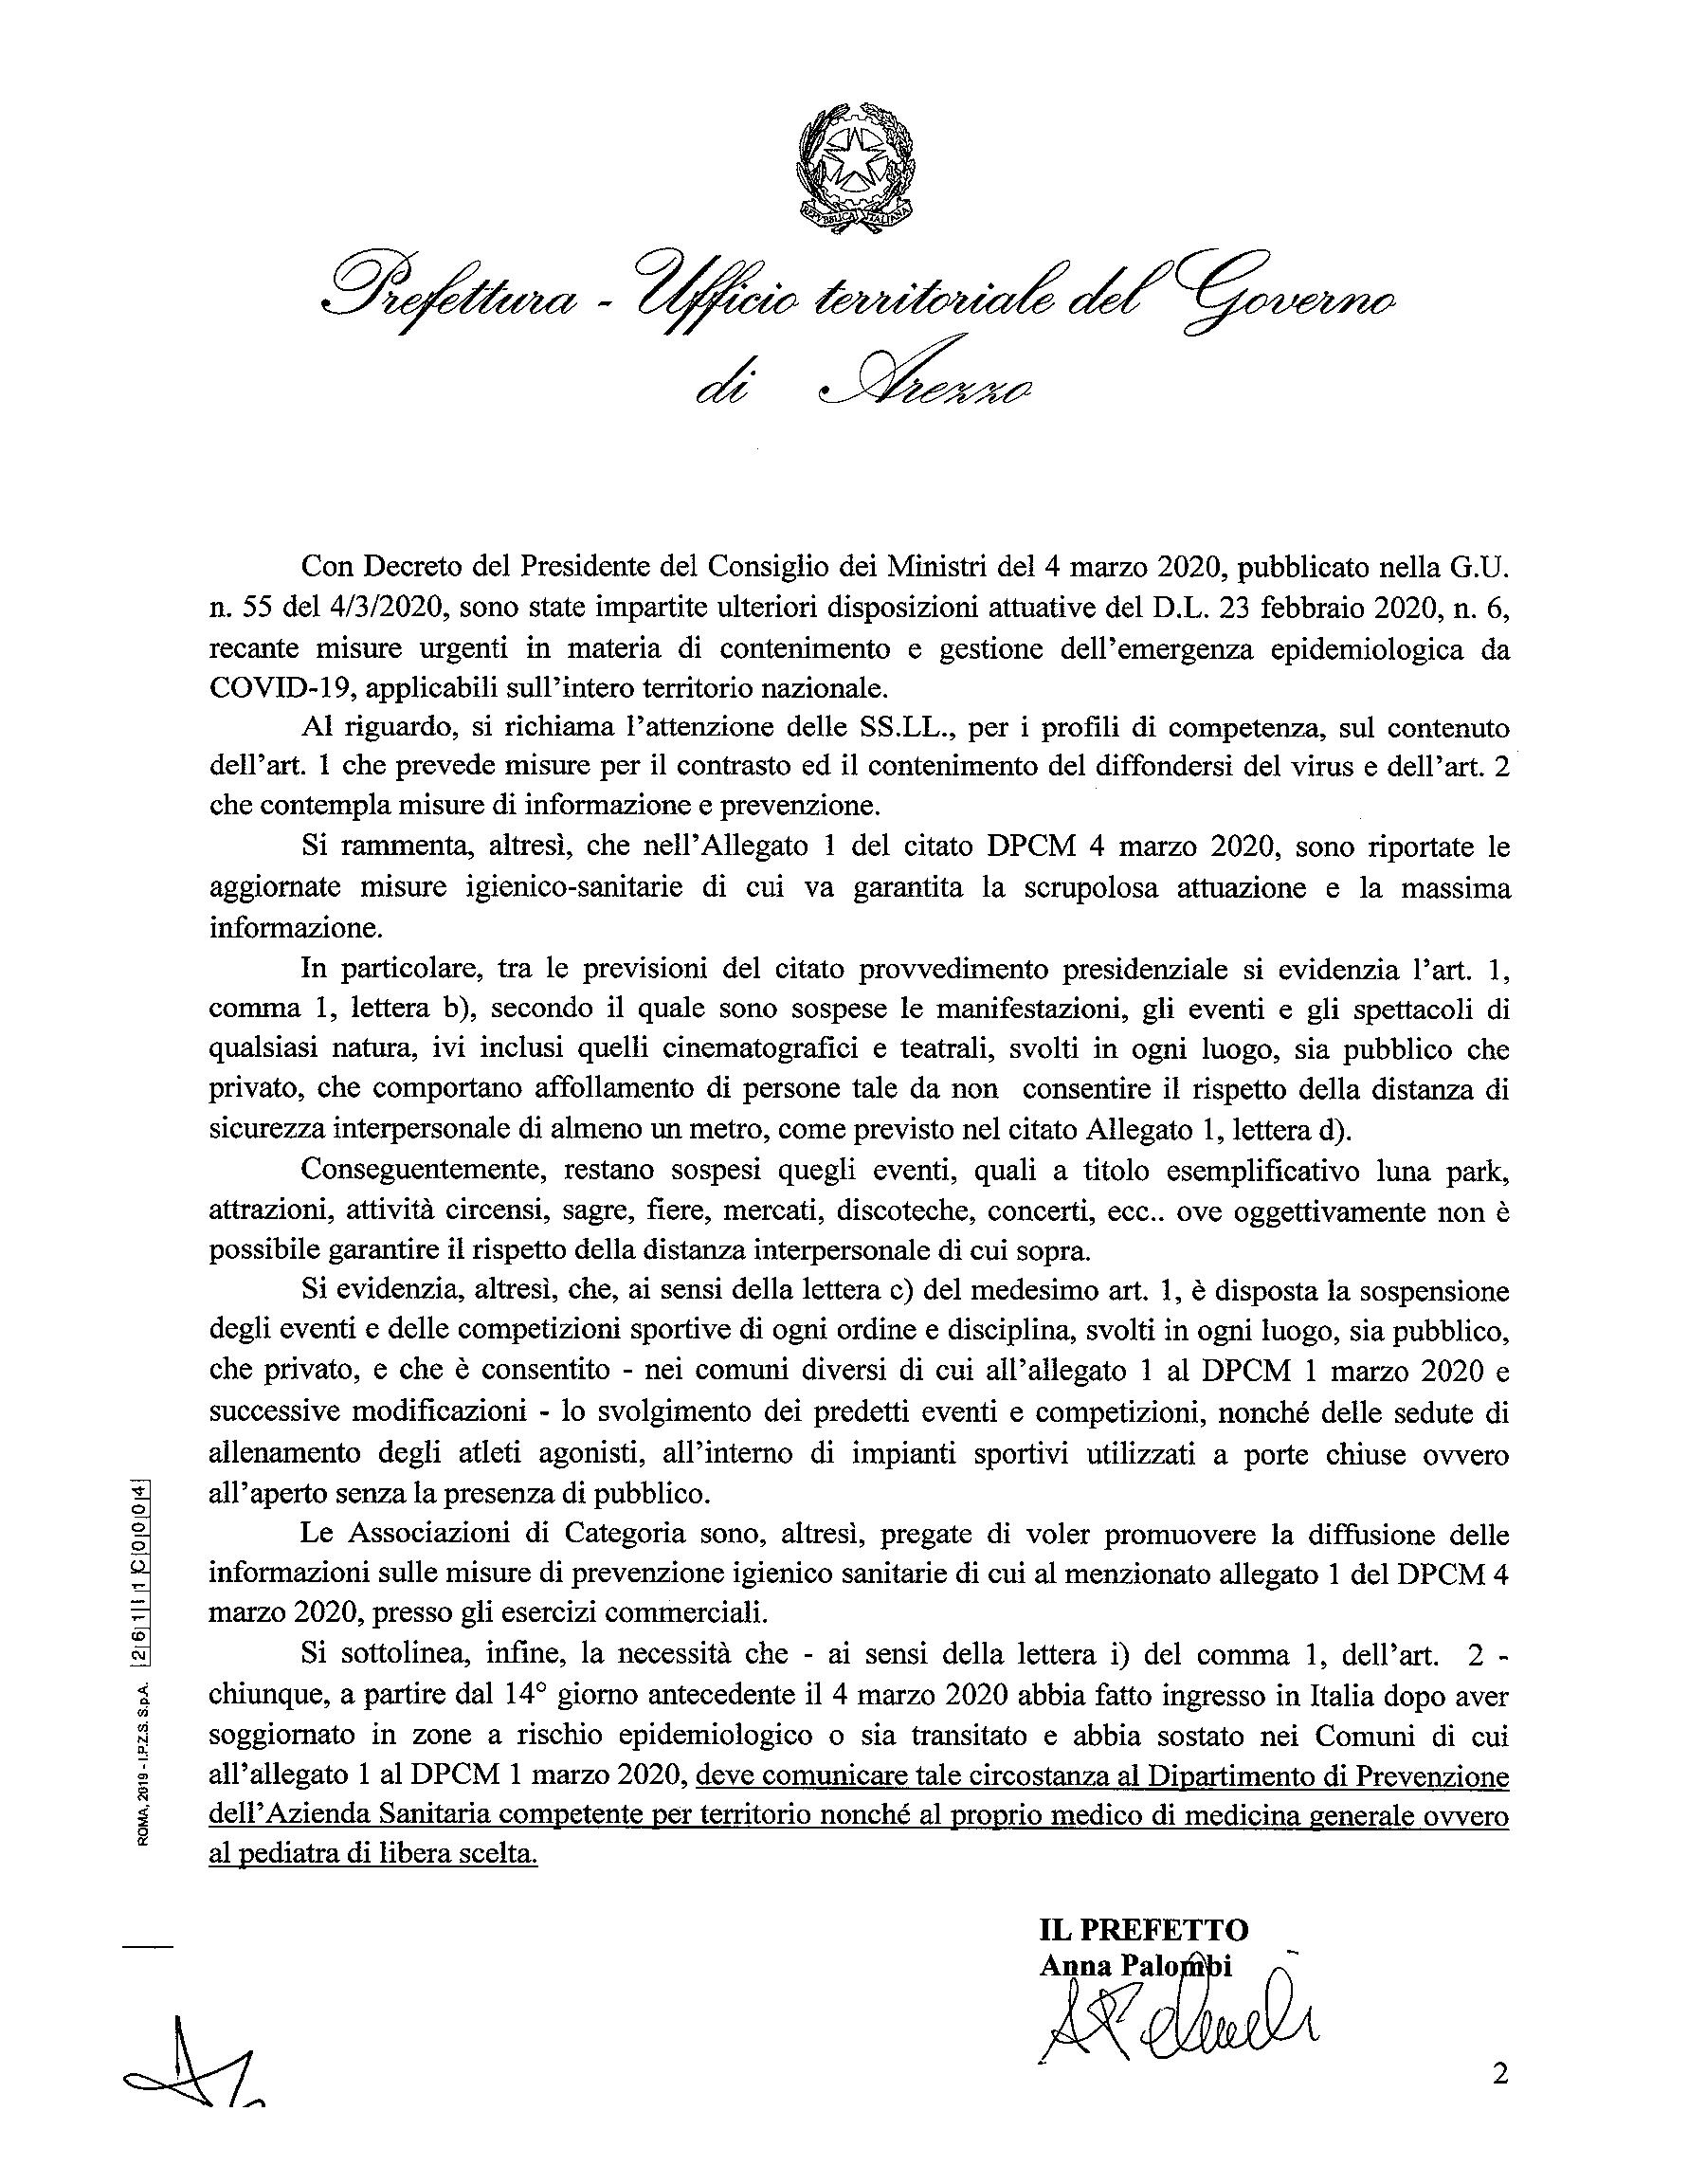 Prefettura di Arezzo : Ulteriori disposizioni attuative del decreto-legge 23 febbraio   2020, n. 6, recante misure urgenti in materia di contenimento e gestione dell'emergenza   epidemiologica da COVID-19, applicabili sull'intero territorio nazionale.